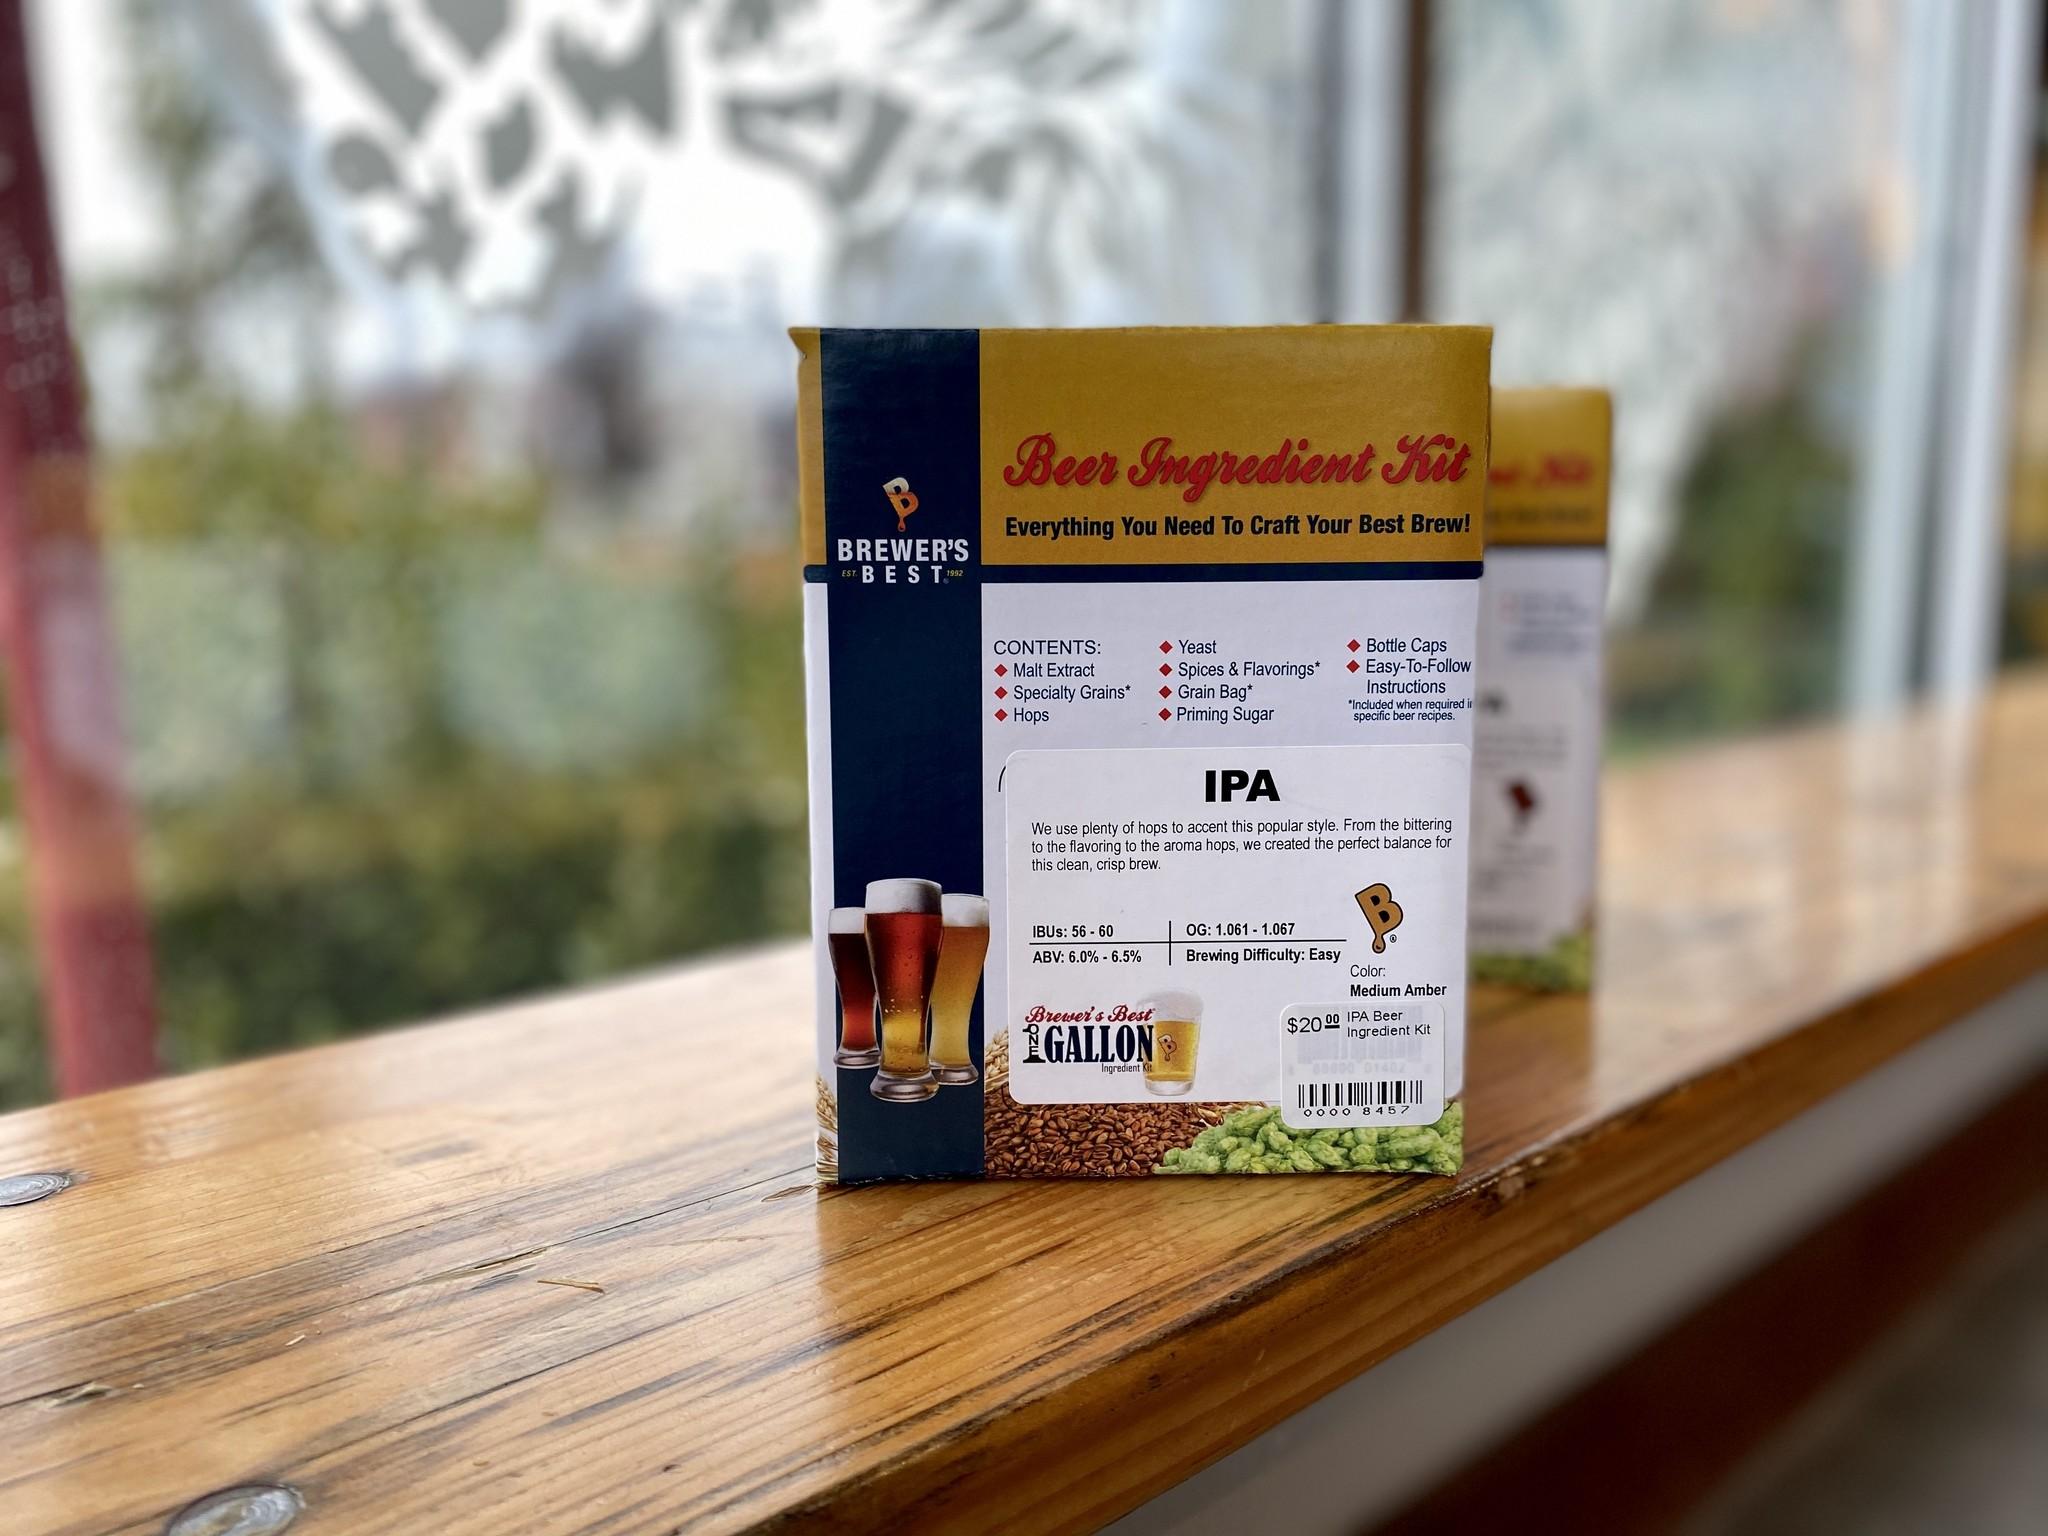 IPA Beer Ingredient Kit